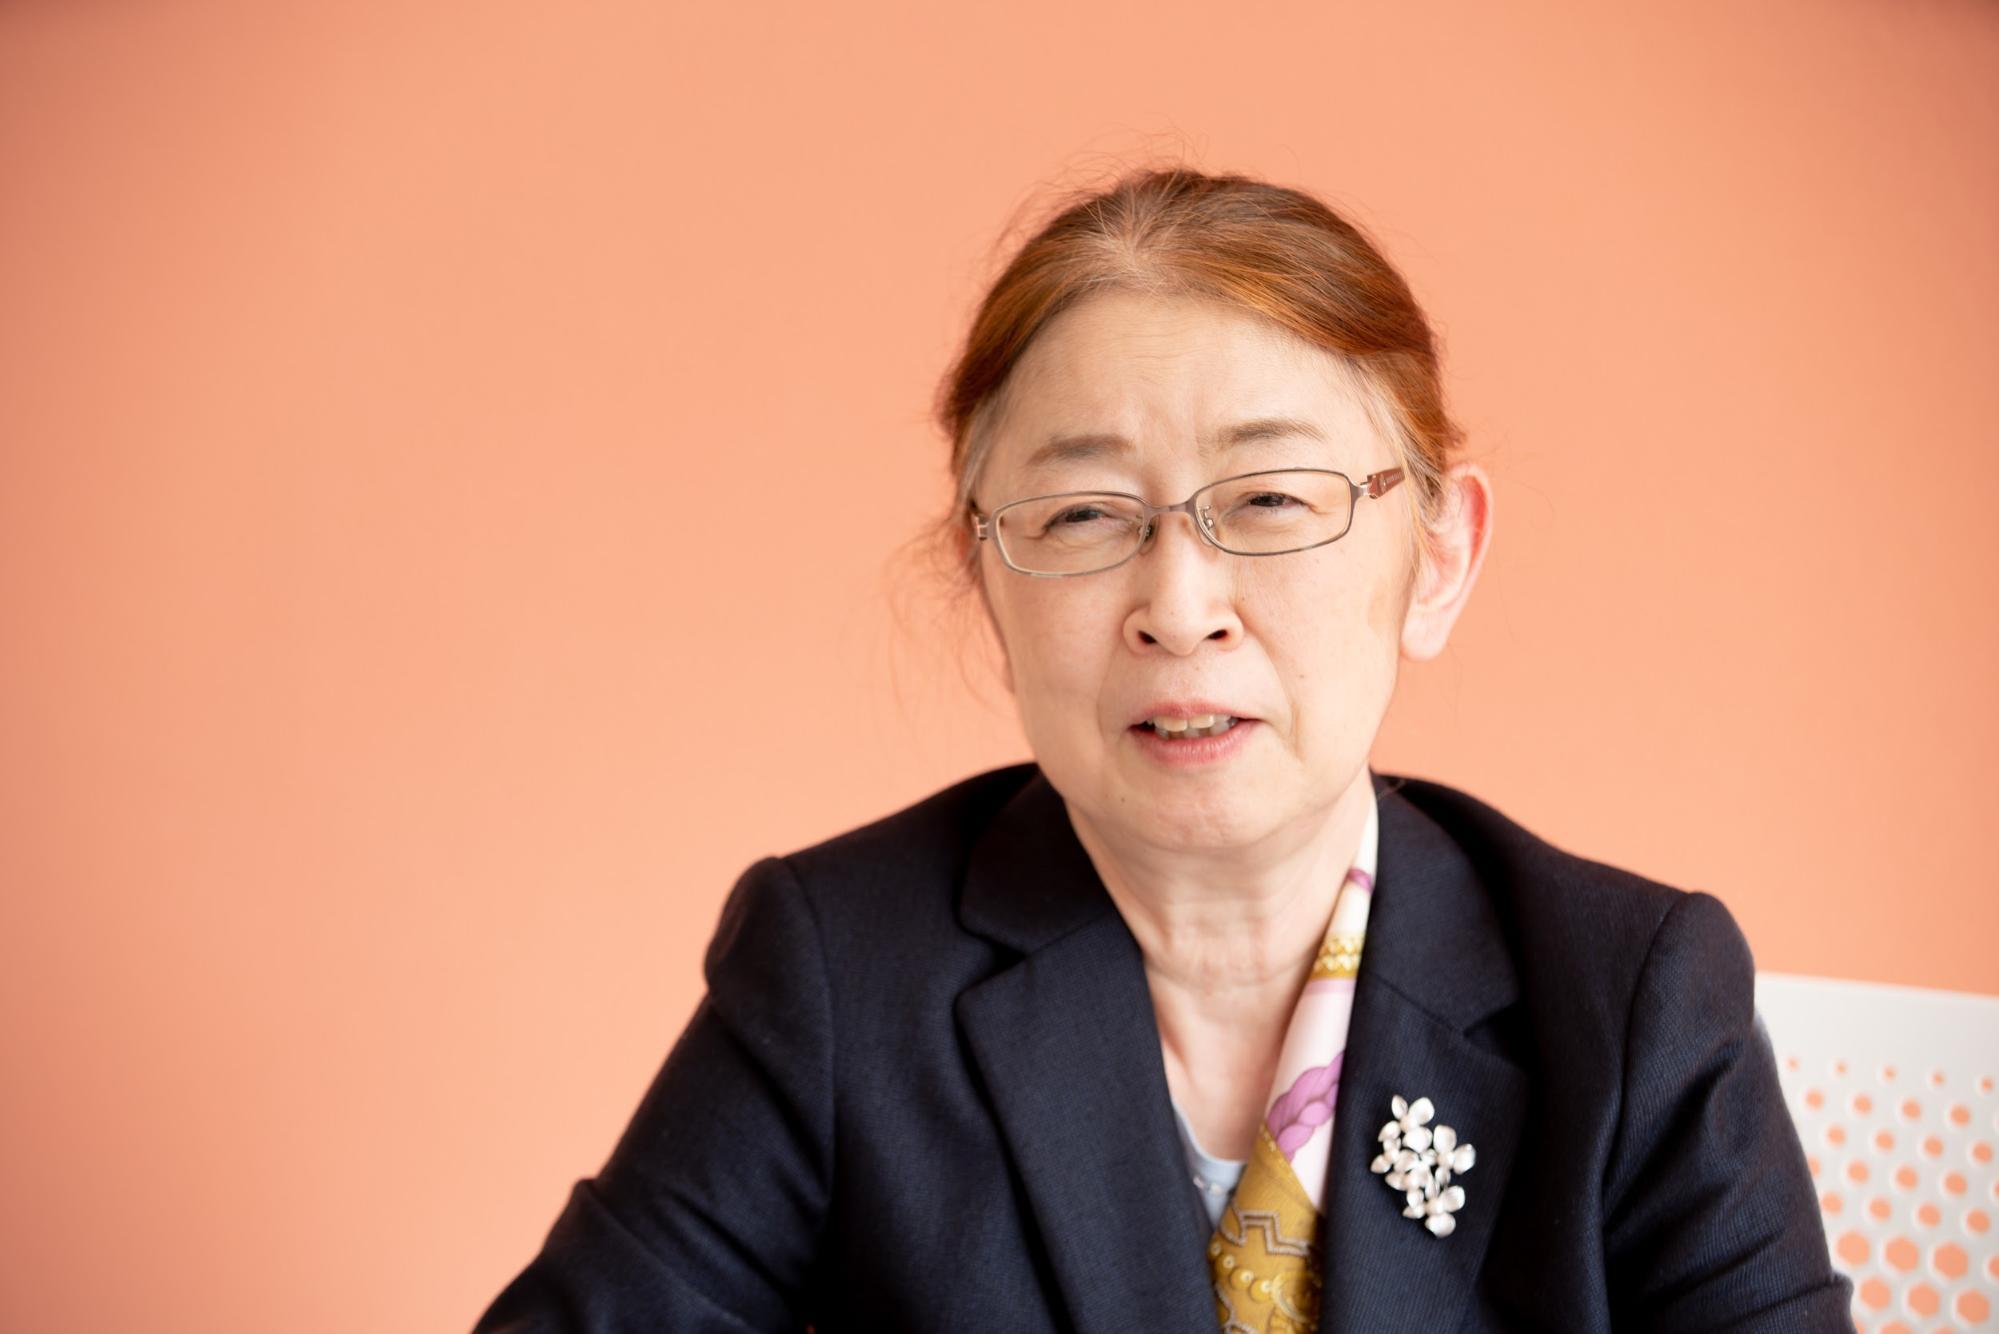 村木厚子さんの正面の表情